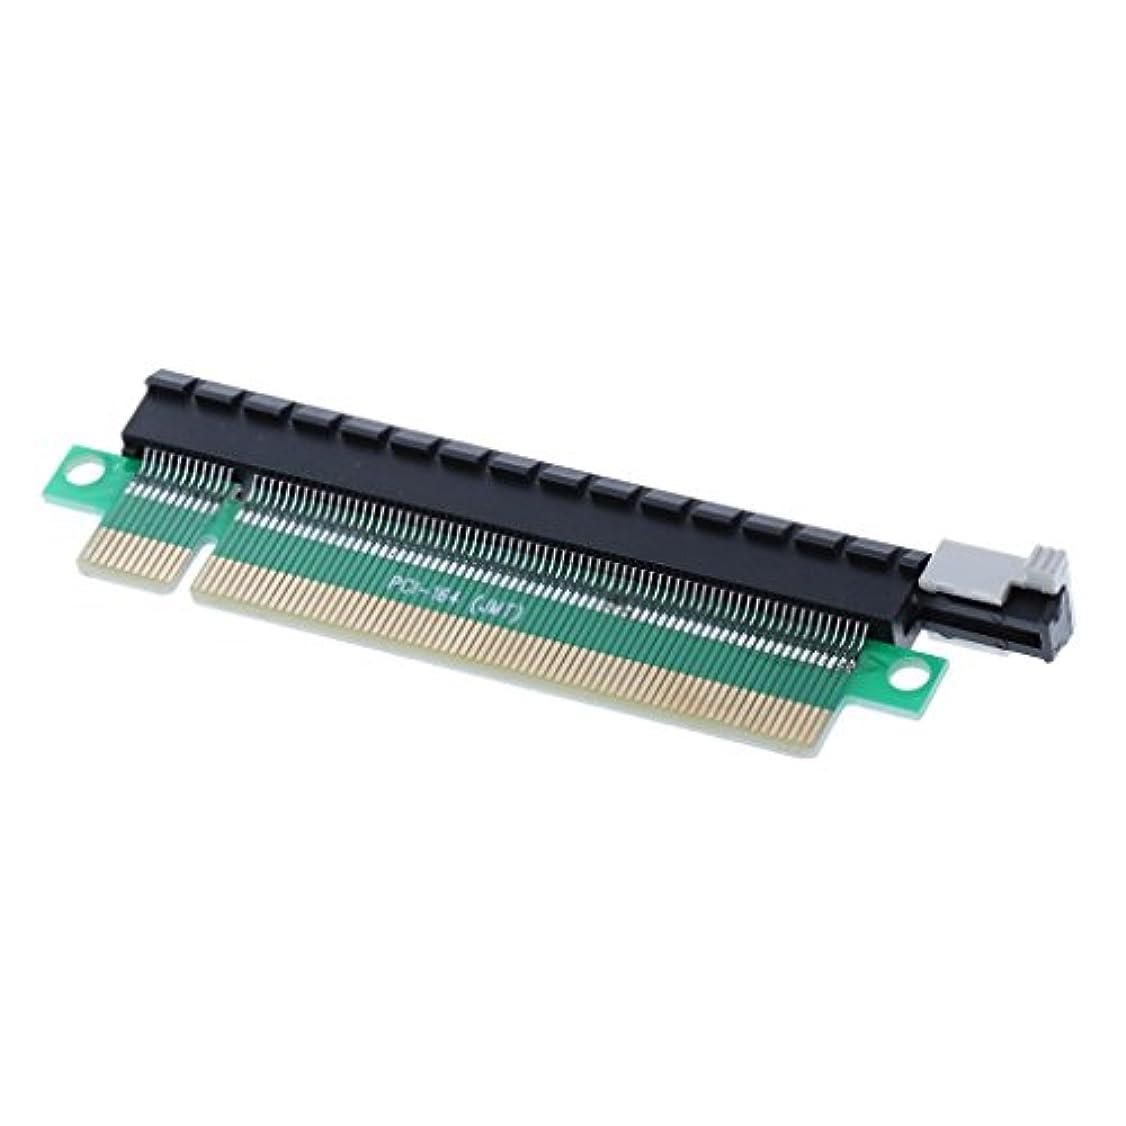 ケニア同志ポルトガル語Baosity PCIE拡張カード ライザー PCI-E x16 オス→PCI エクスプレス 16x メス ライザー カード 拡張アダプター